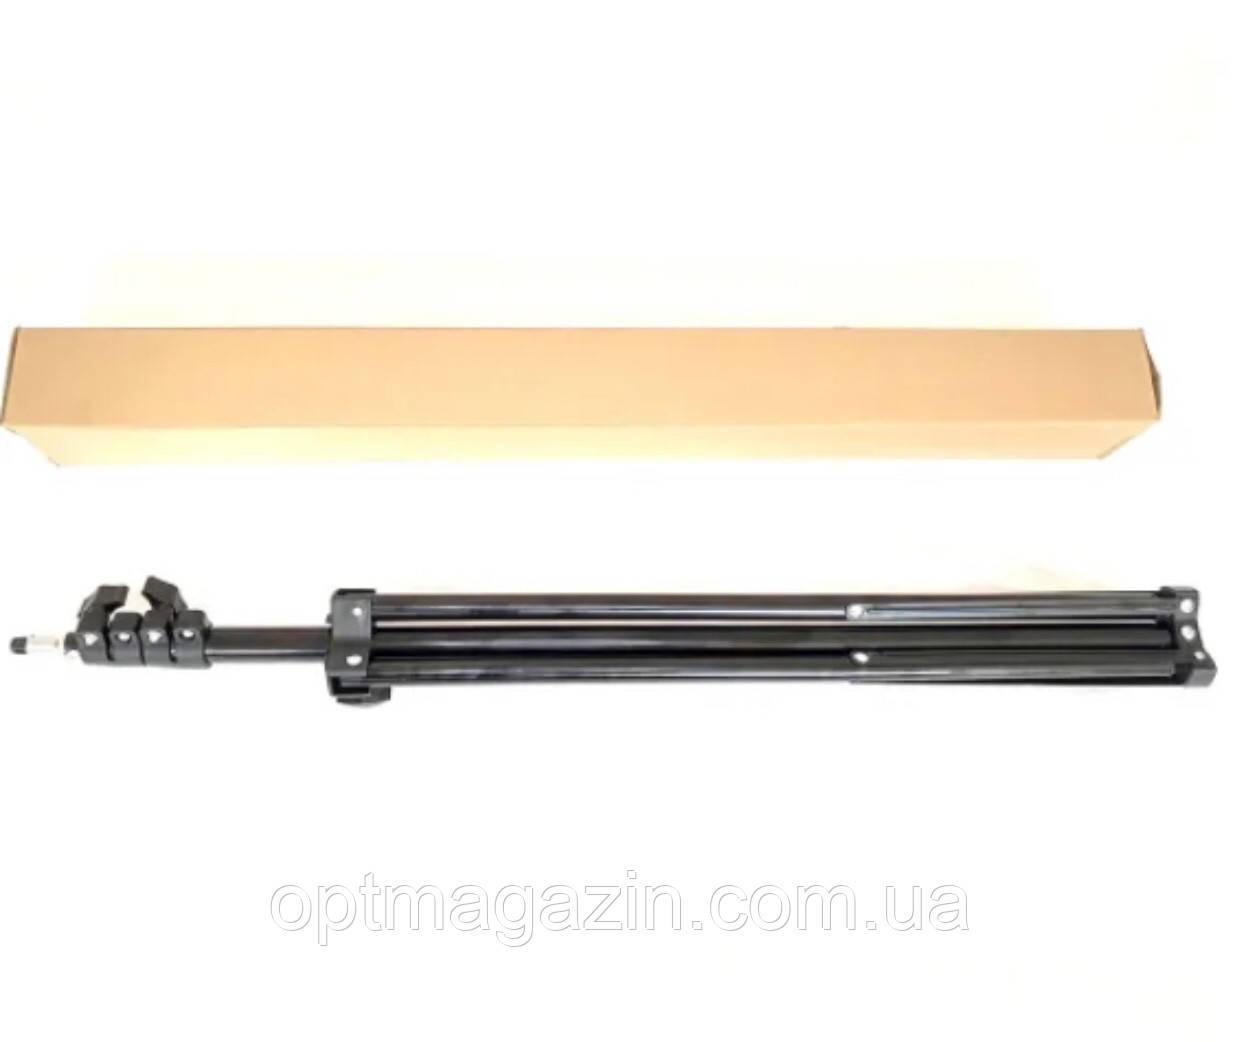 Штатив-тренога для кольцевых ламп 110 см